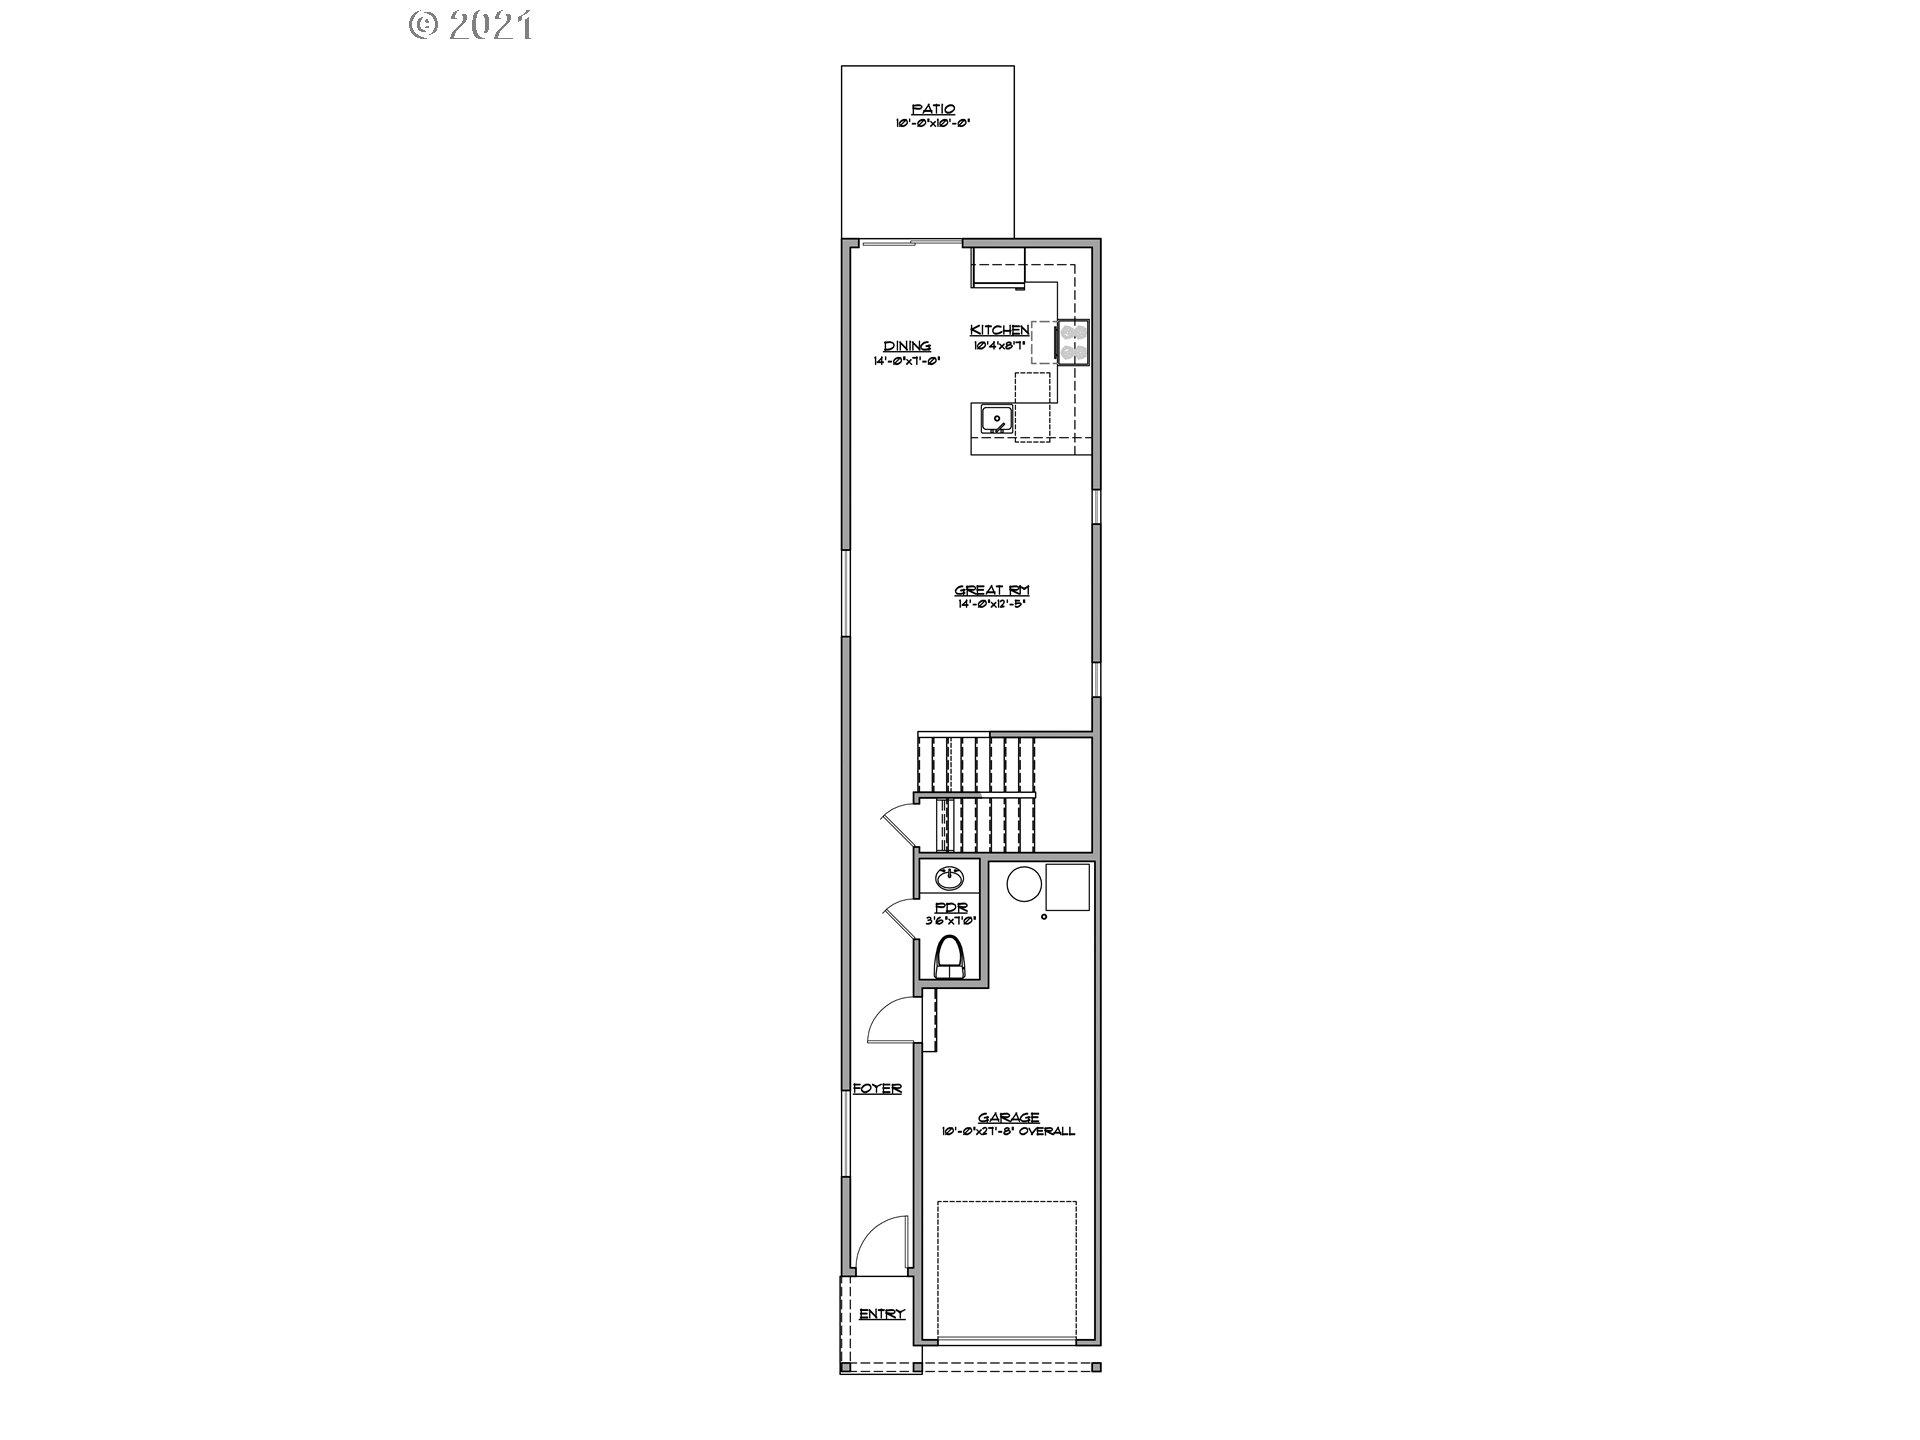 262 E WAYNO WAY, Newberg, Oregon 97132, 3 Bedrooms Bedrooms, ,3 BathroomsBathrooms,Single Family,For Sale,262 E WAYNO WAY,2,21390917